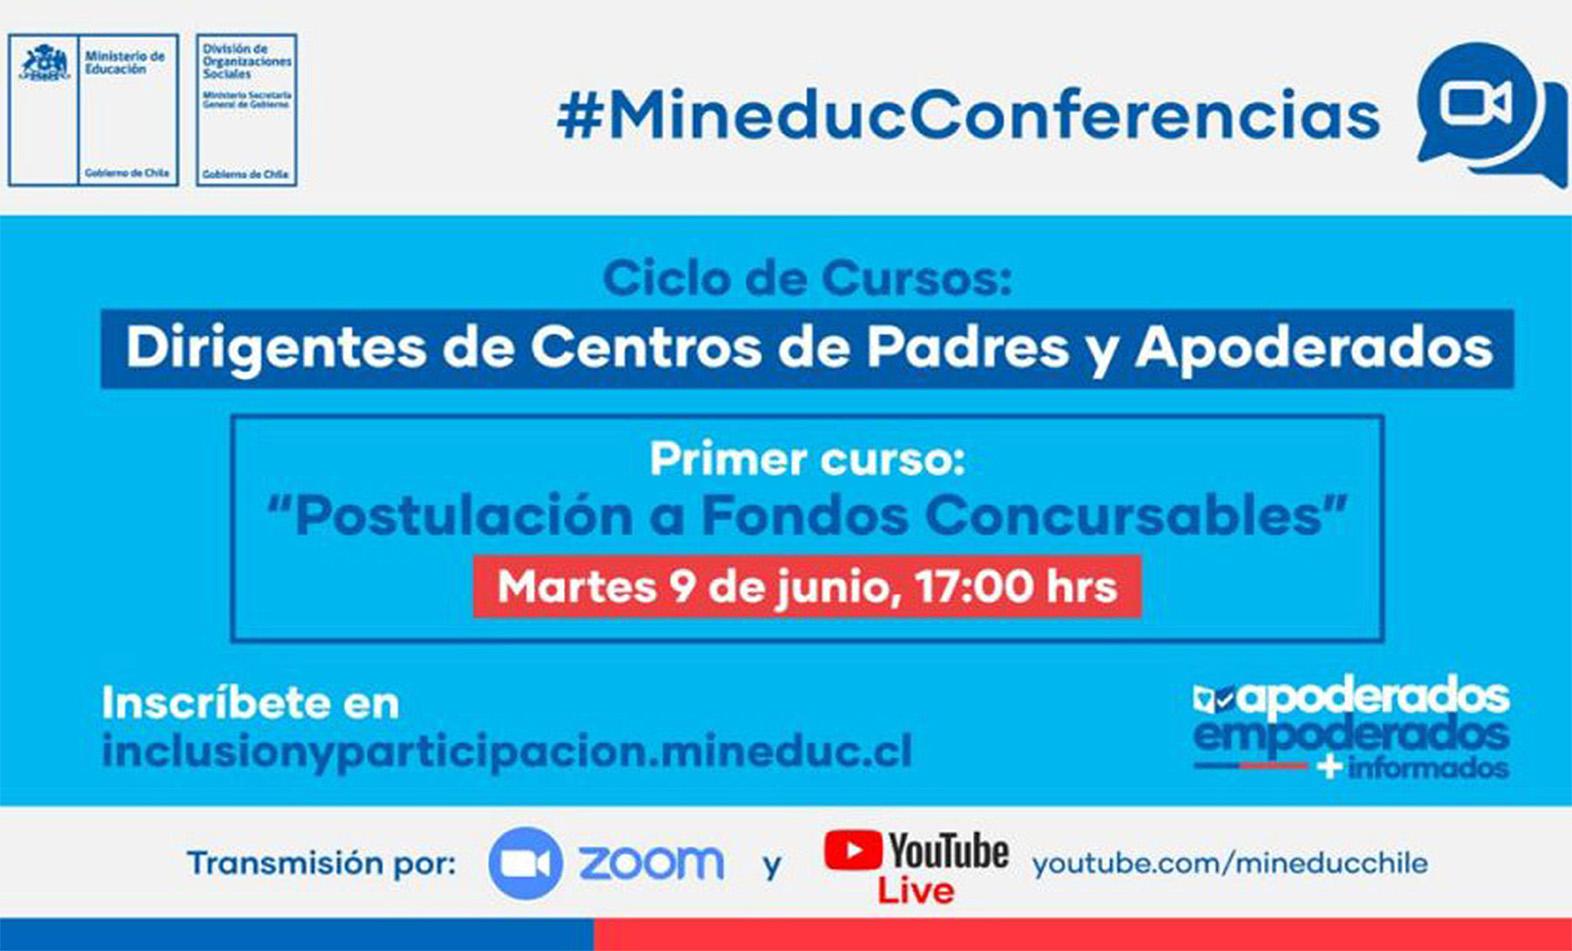 MINEDUC Y D.O.S. INICIAN CAPACITACIÓN PARA DIRIGENTES DE CENTROS DE PADRES Y APODERADOS